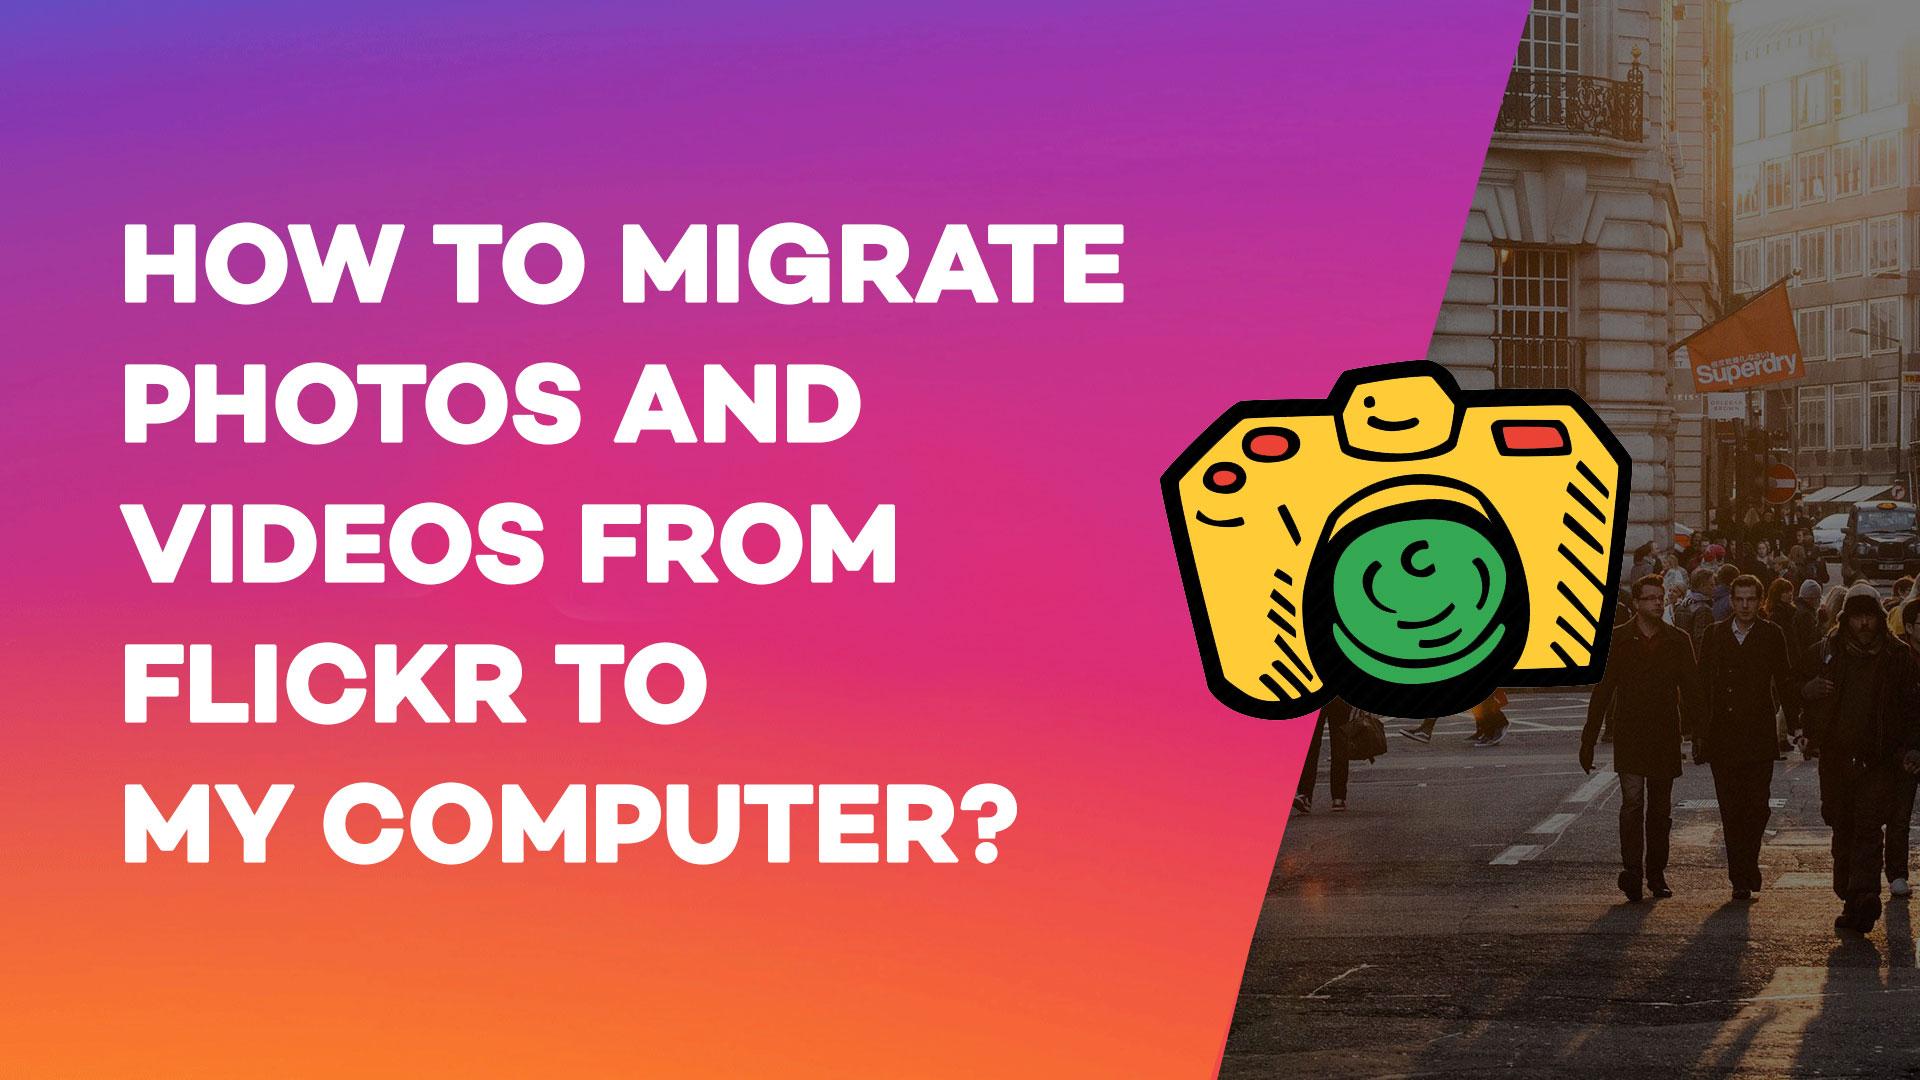 flickr-migrate-computer